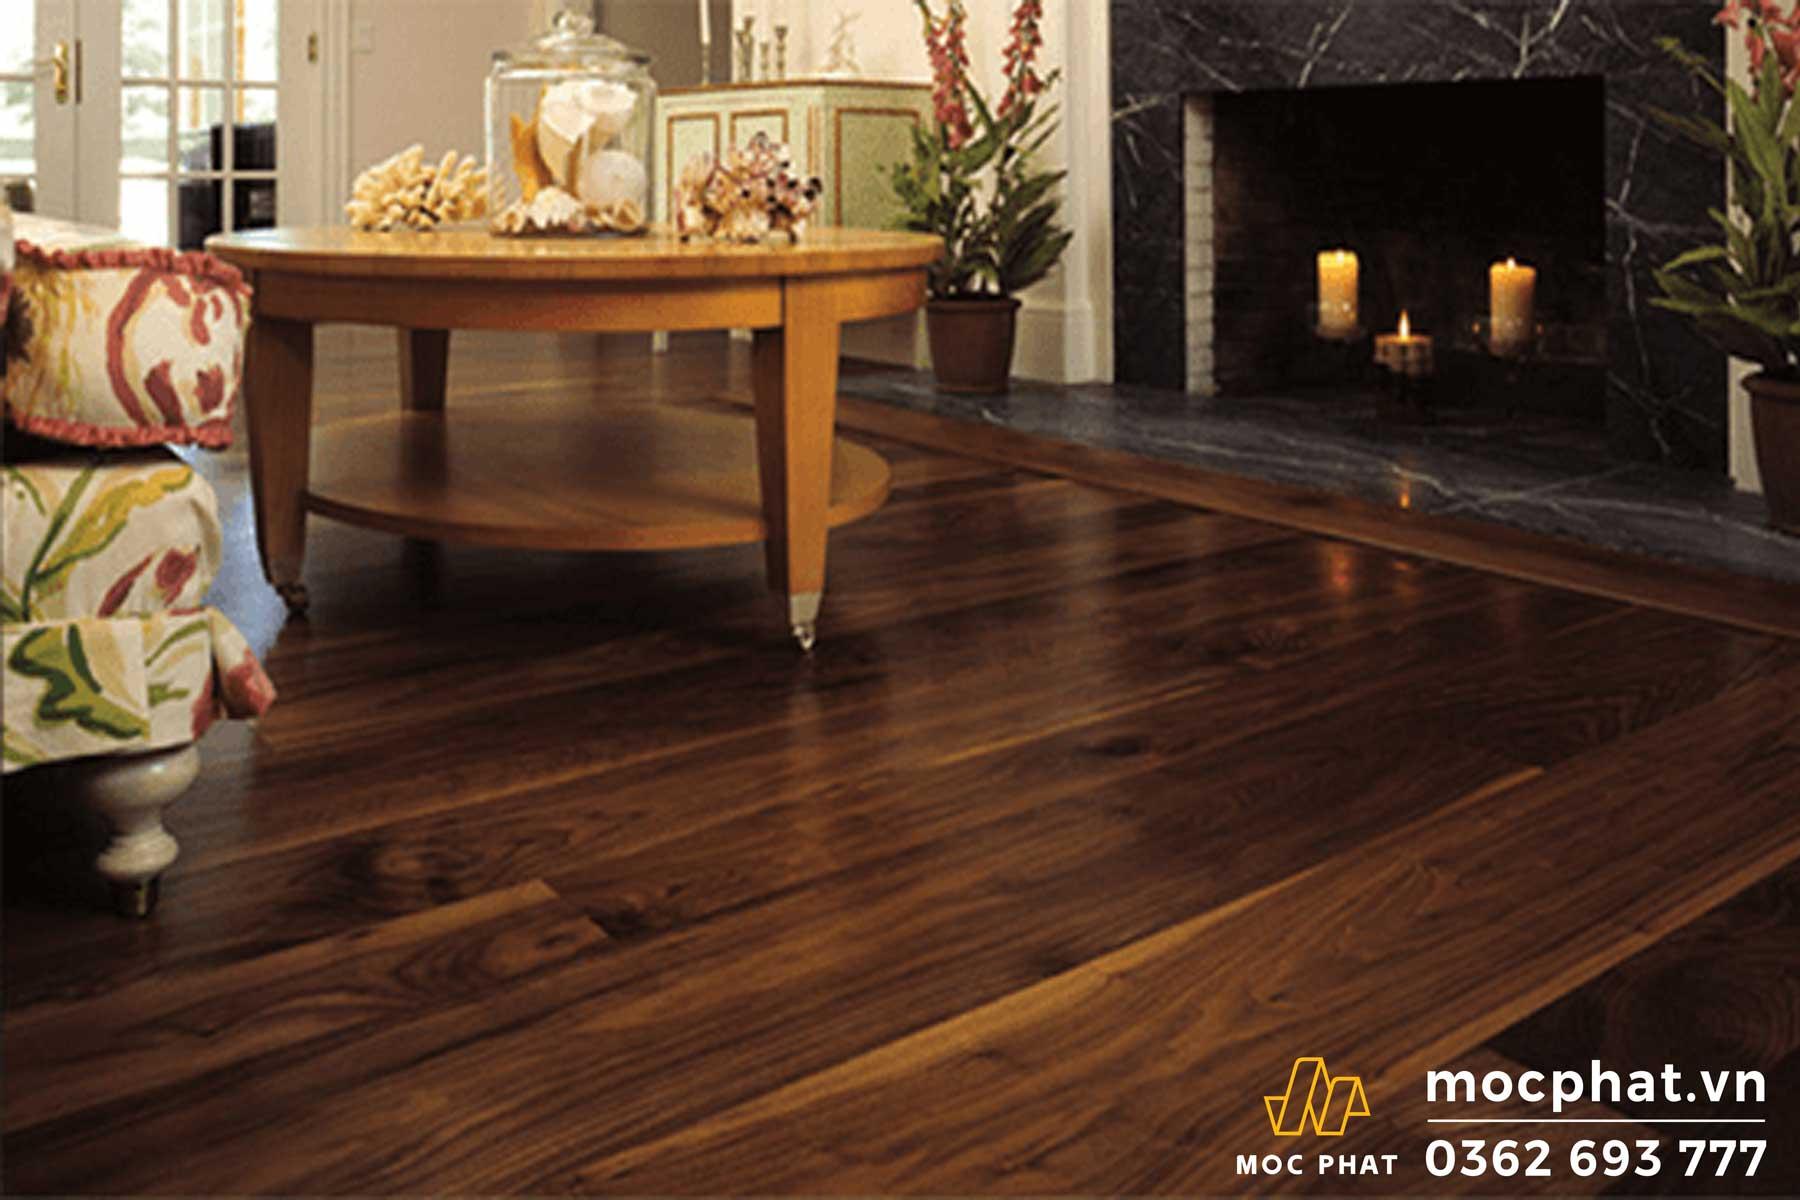 Hình 1. Vệ sinh sàn gỗ tự nhiên